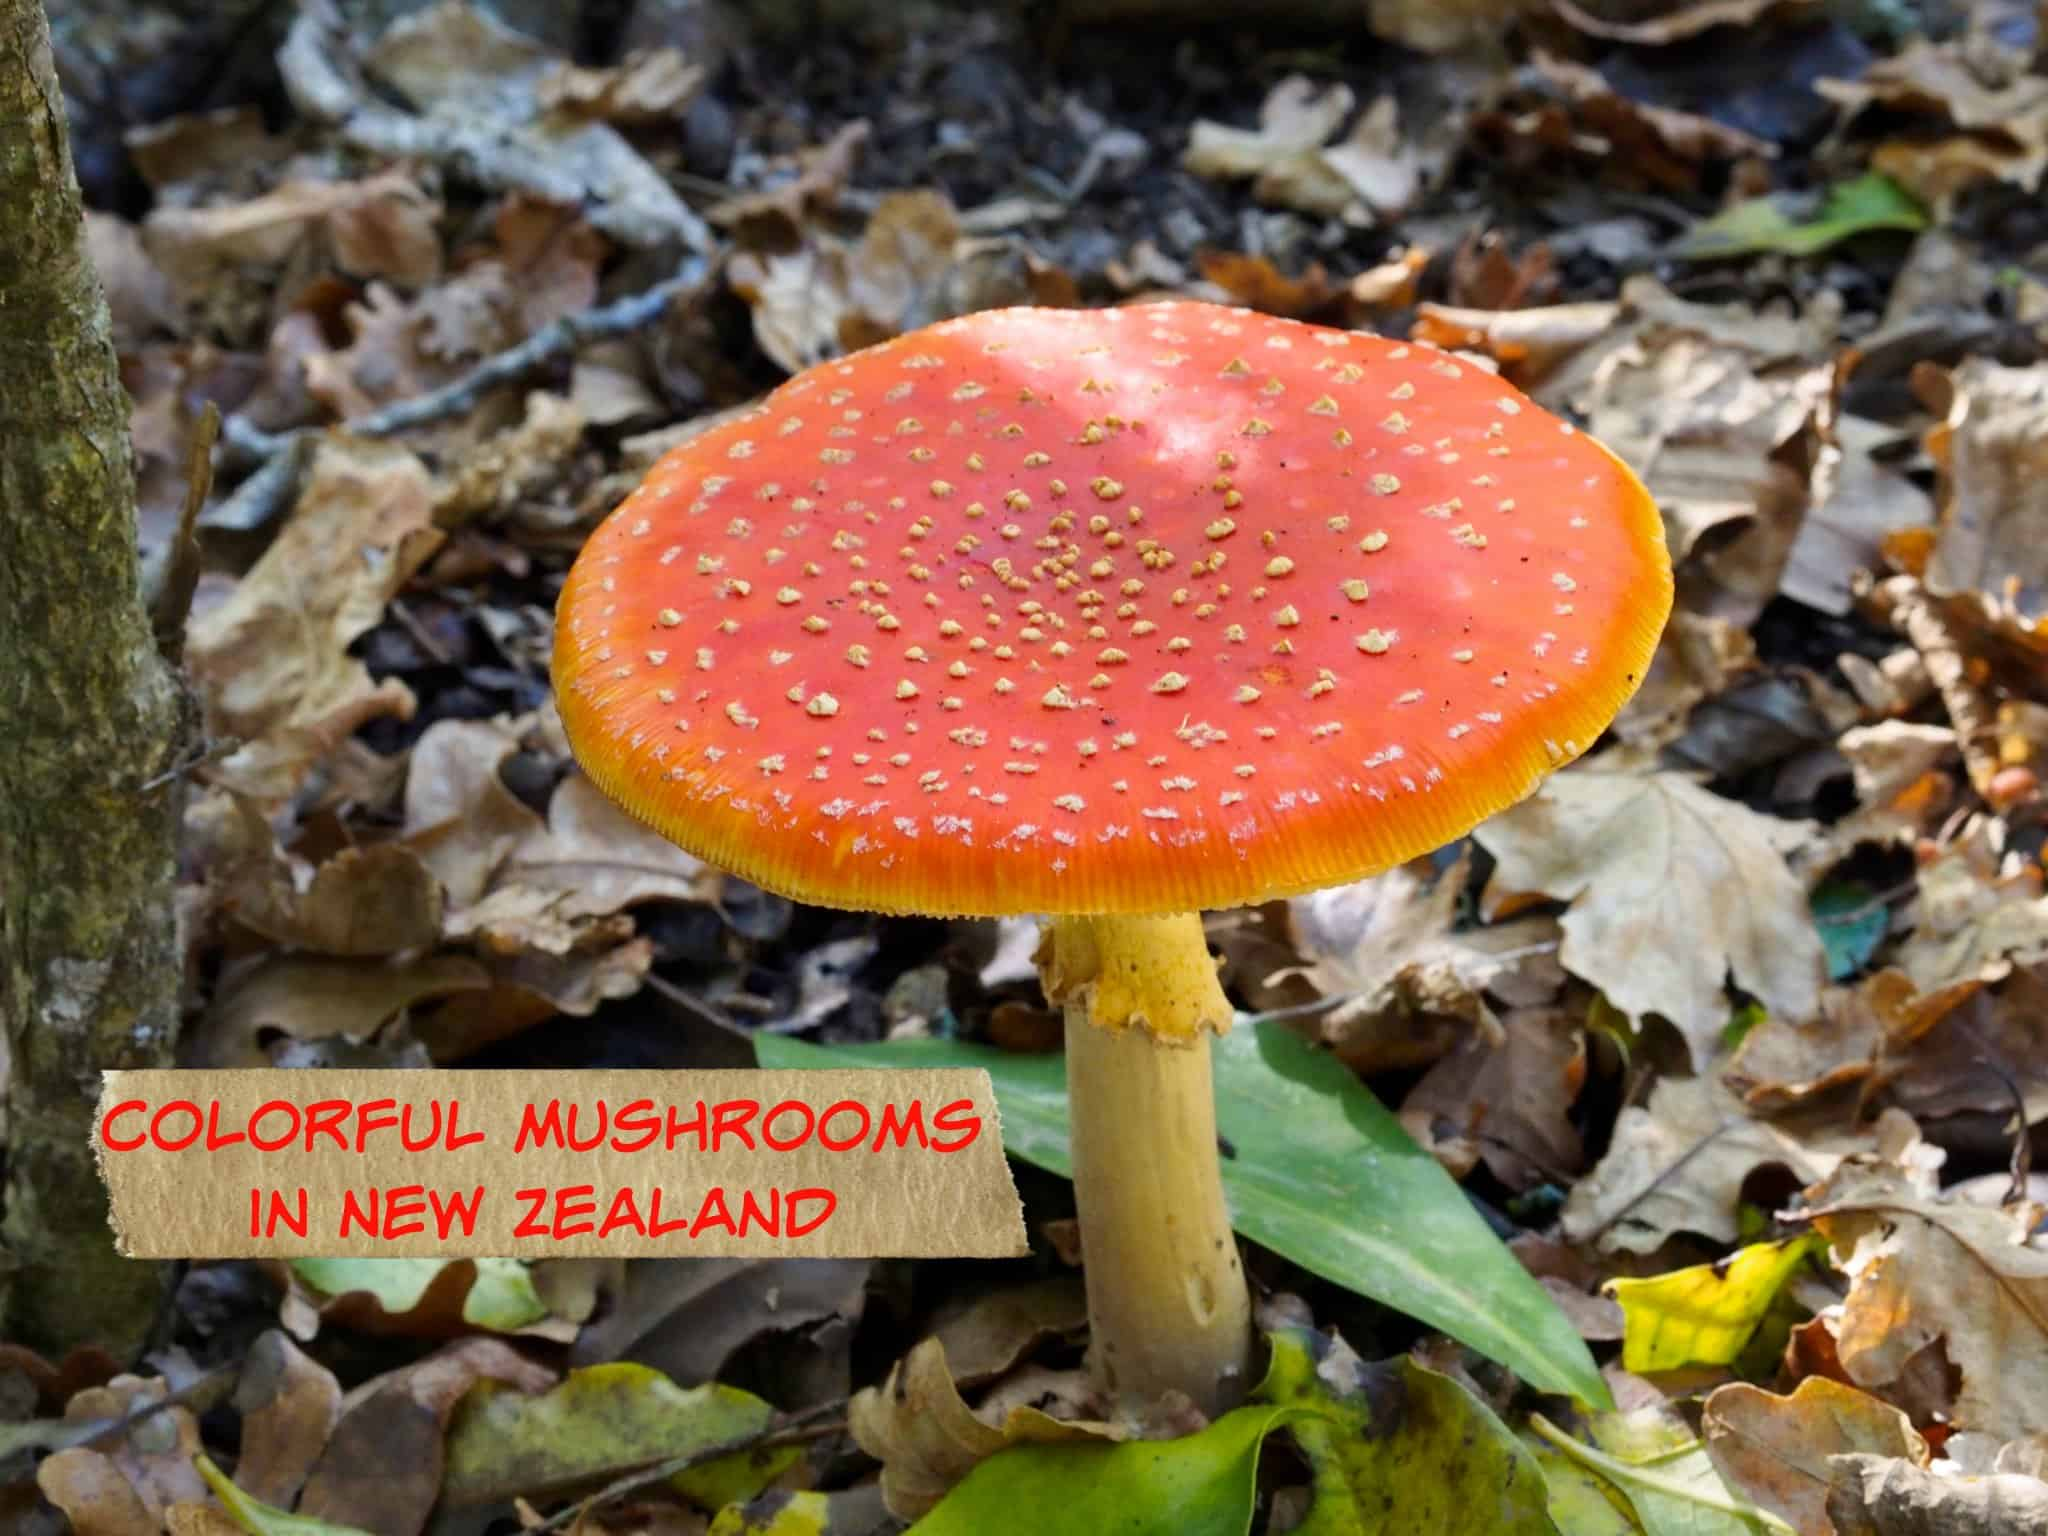 newest mushrooms